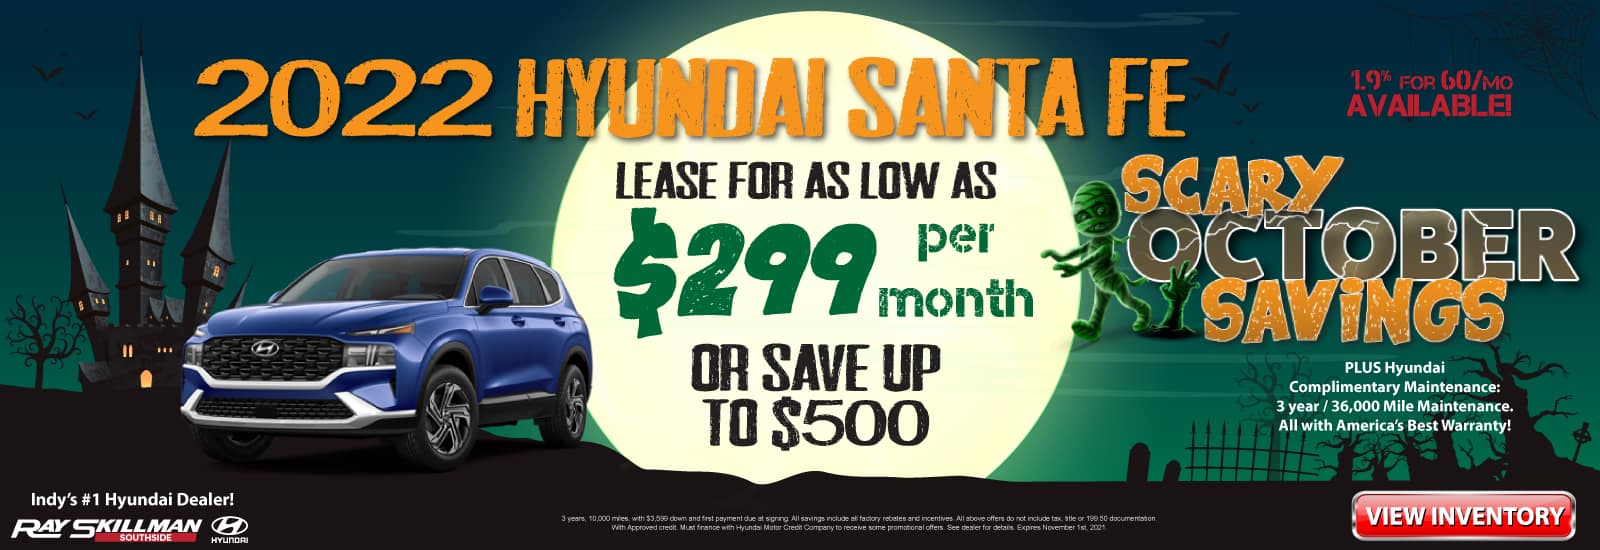 2022-Hyundai-Santa-Fe-Web-Banner-1600×550.jpg Oct